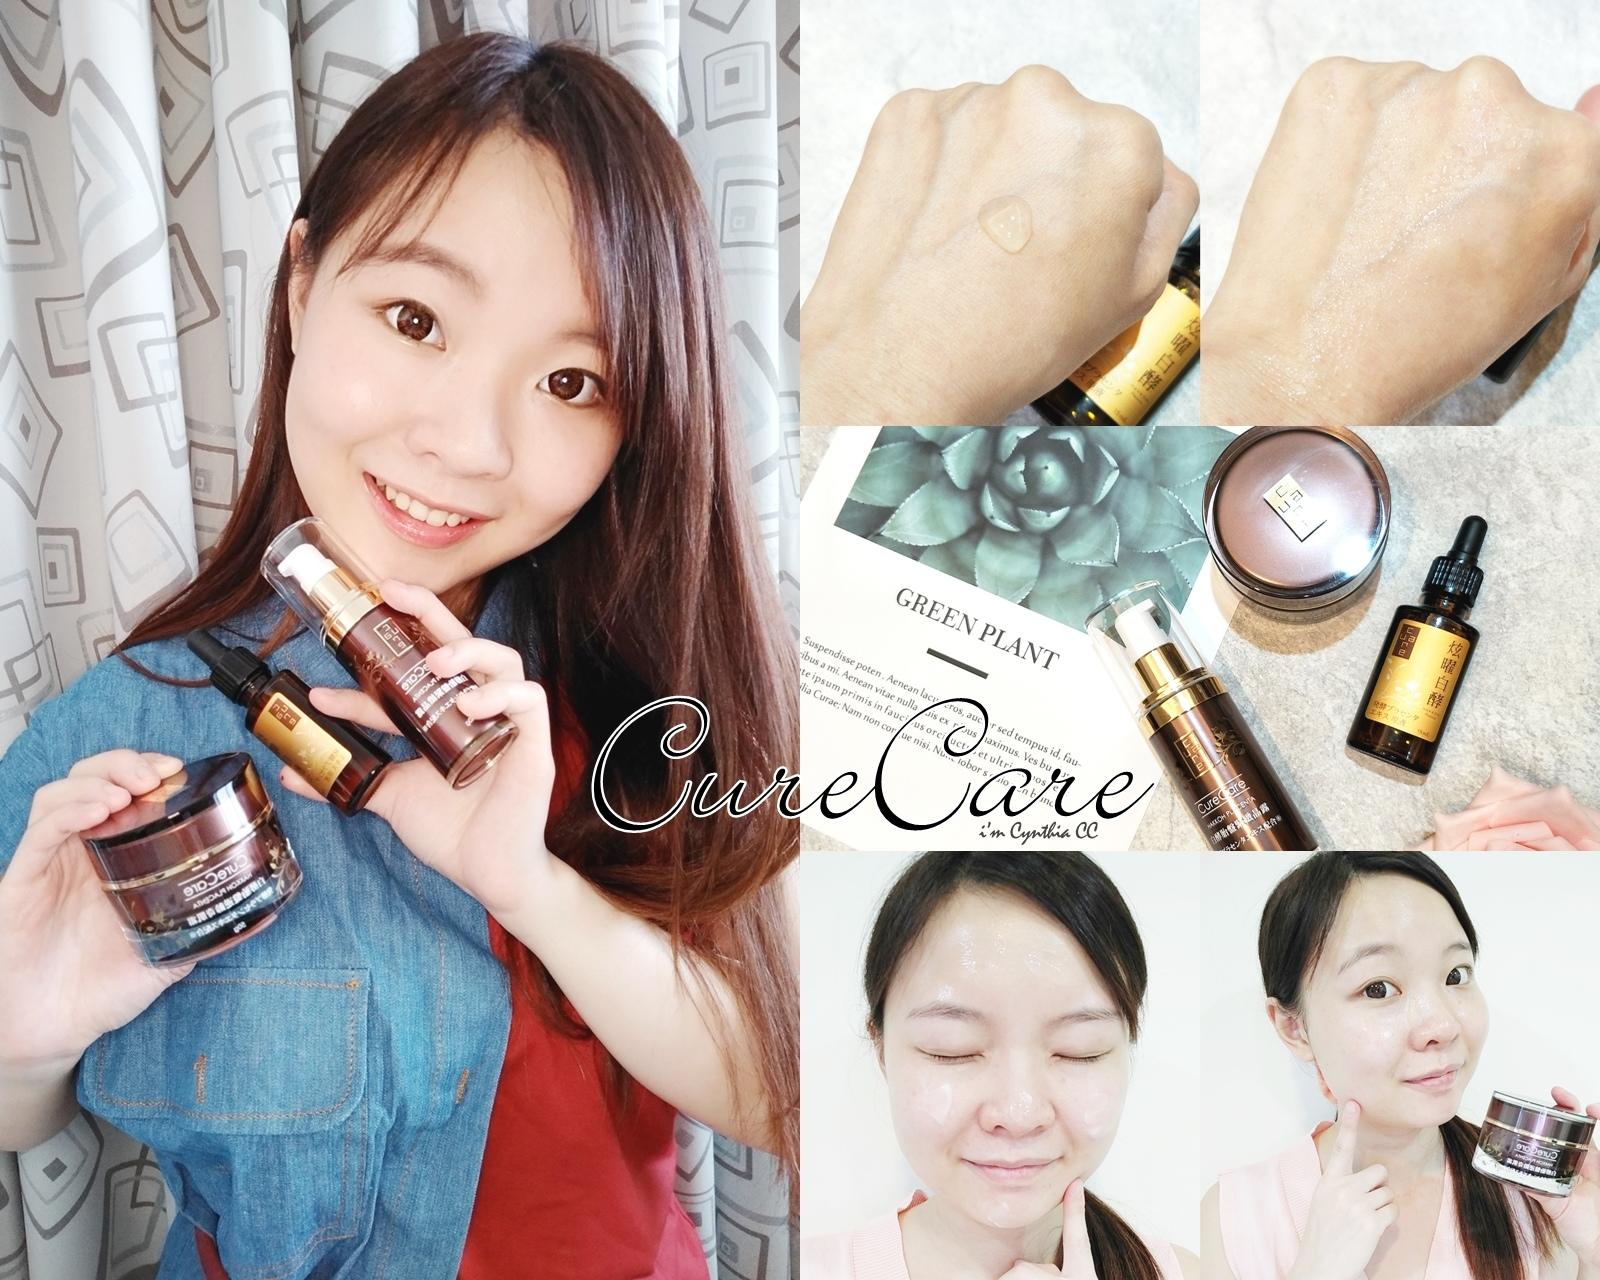 開架日本進口保養品CureCare安炫曜-白酵逆齡胎盤系列